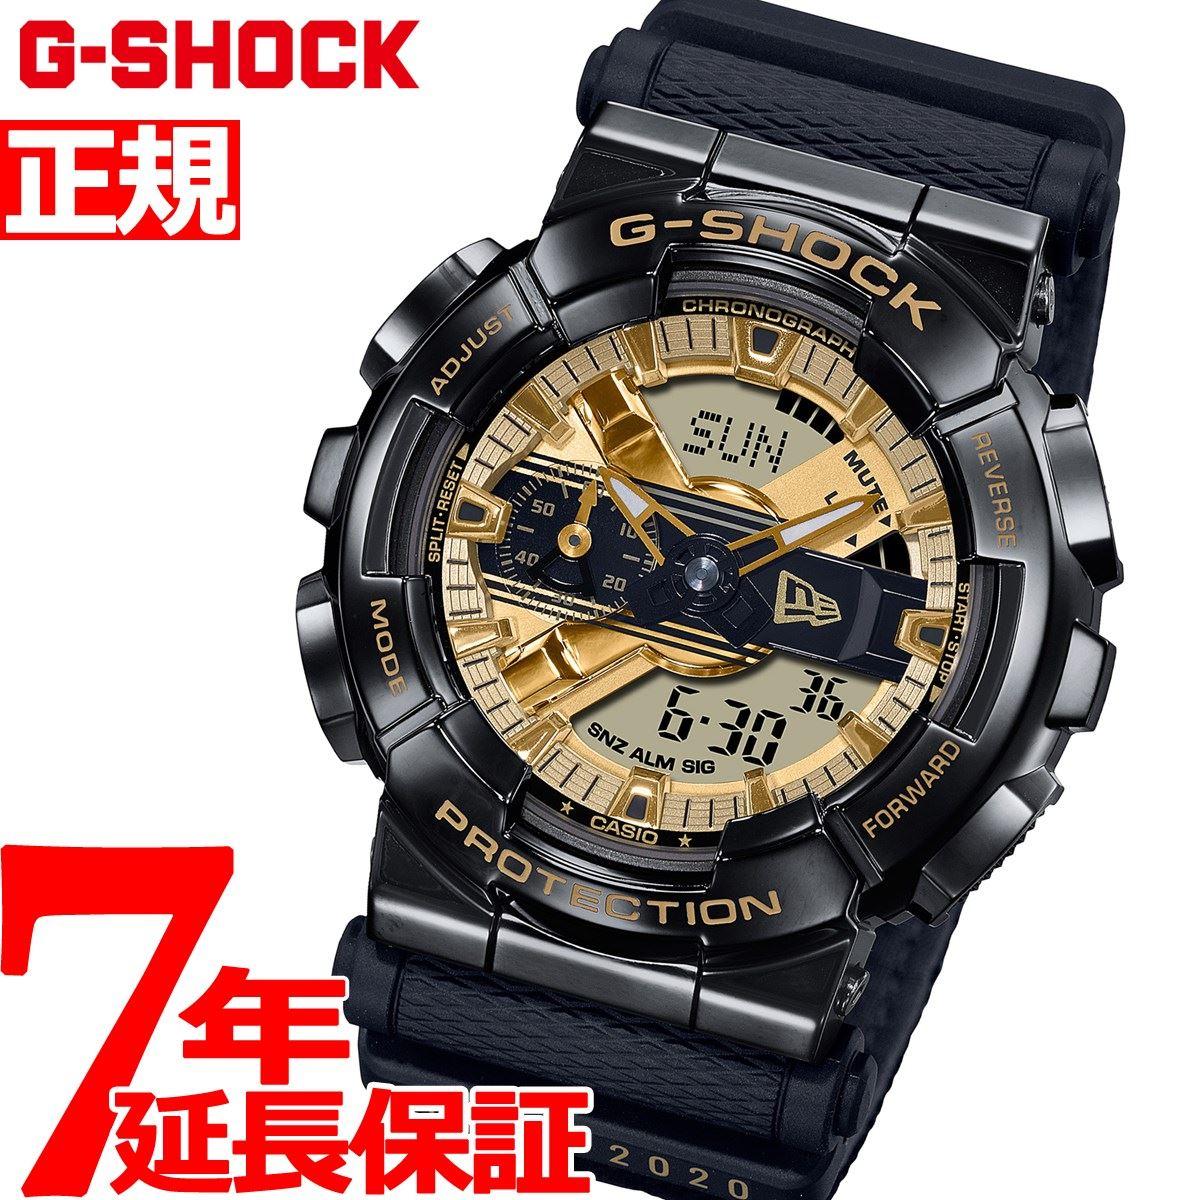 腕時計, メンズ腕時計 502000OFF6352359G-SHOCK G CASIO NEW ERA GM-110NE-1AJR2020